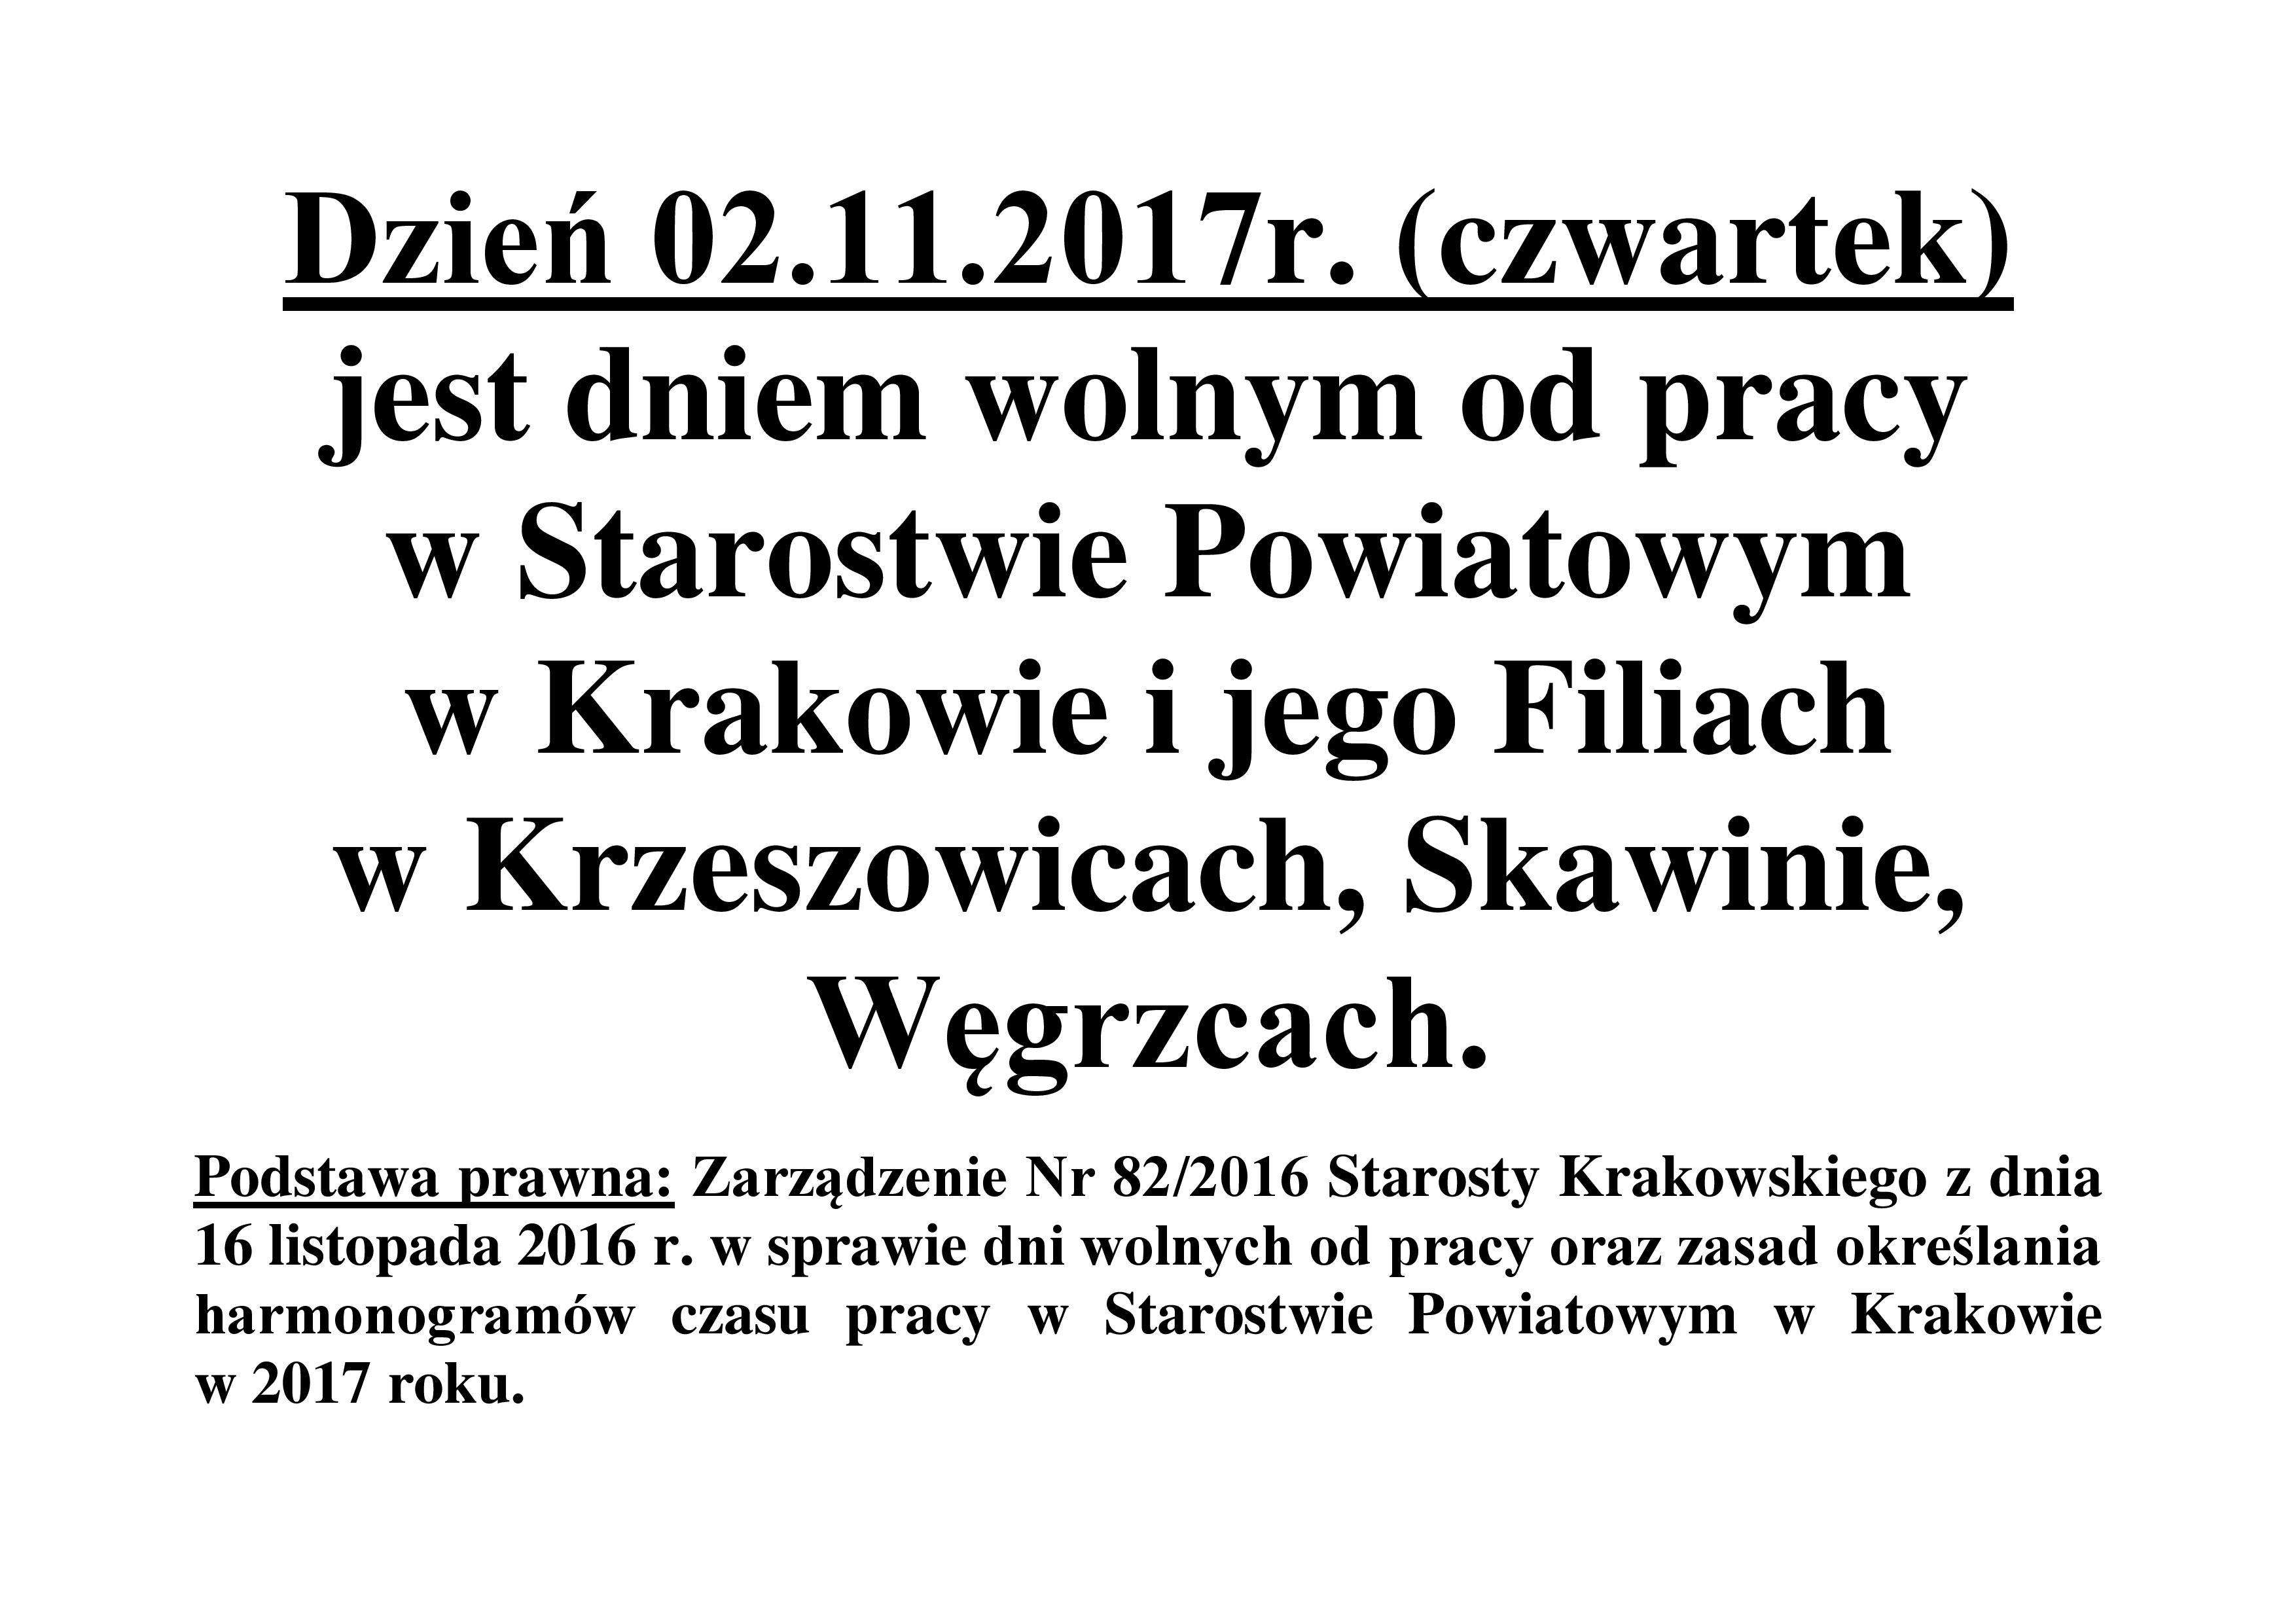 Wolny_dzien_02.11.2017